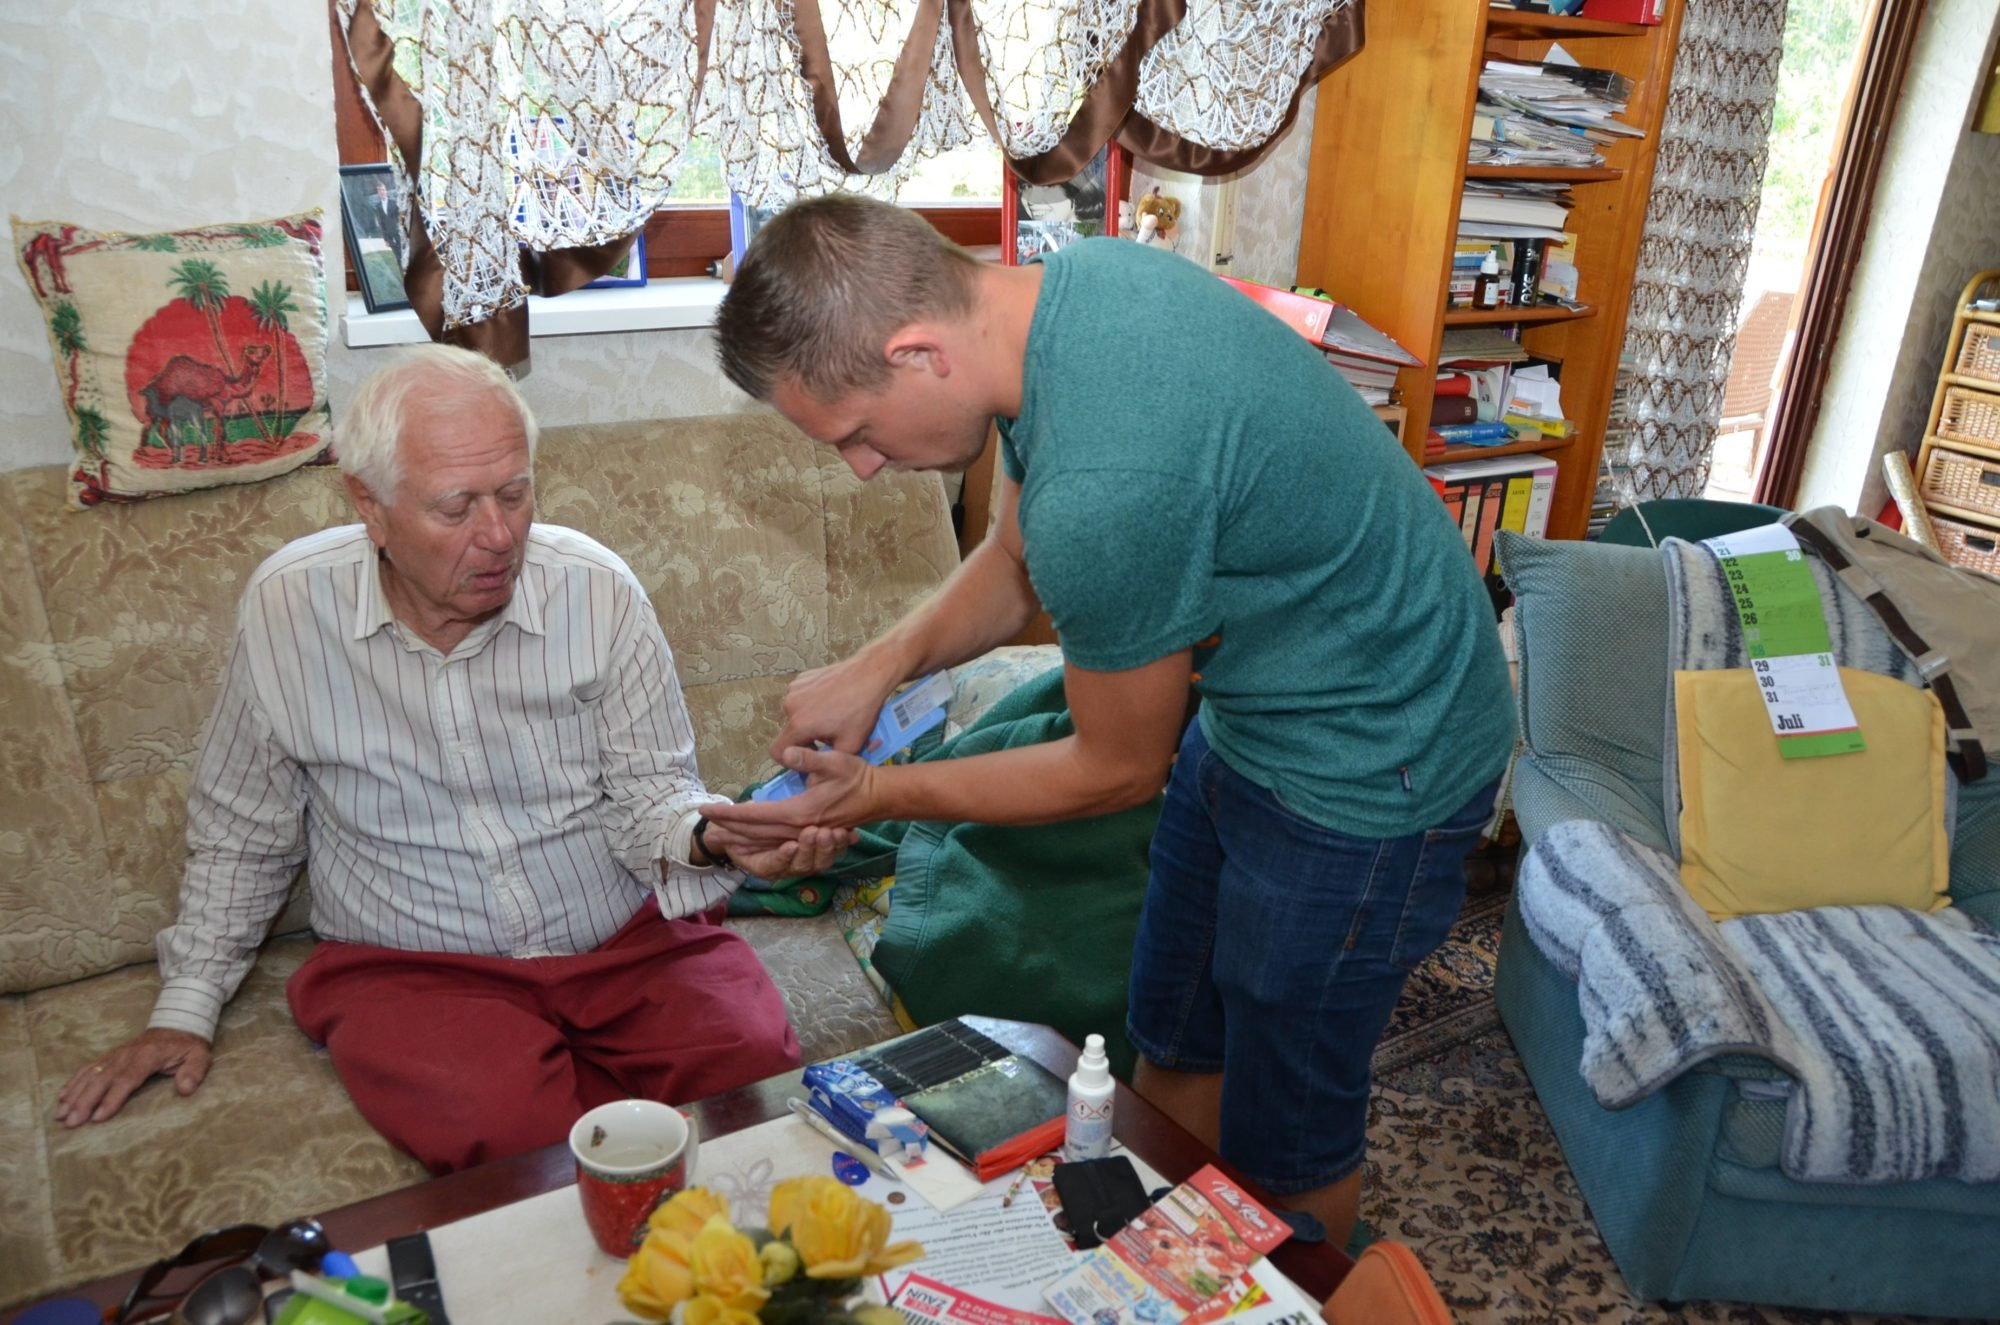 Marco, rechts im Bild ist leicht nach vorne gebeugt und gibt einem älteren Herren, der auf seinem Sofa sitzt, seine Medikamente in die Hand.